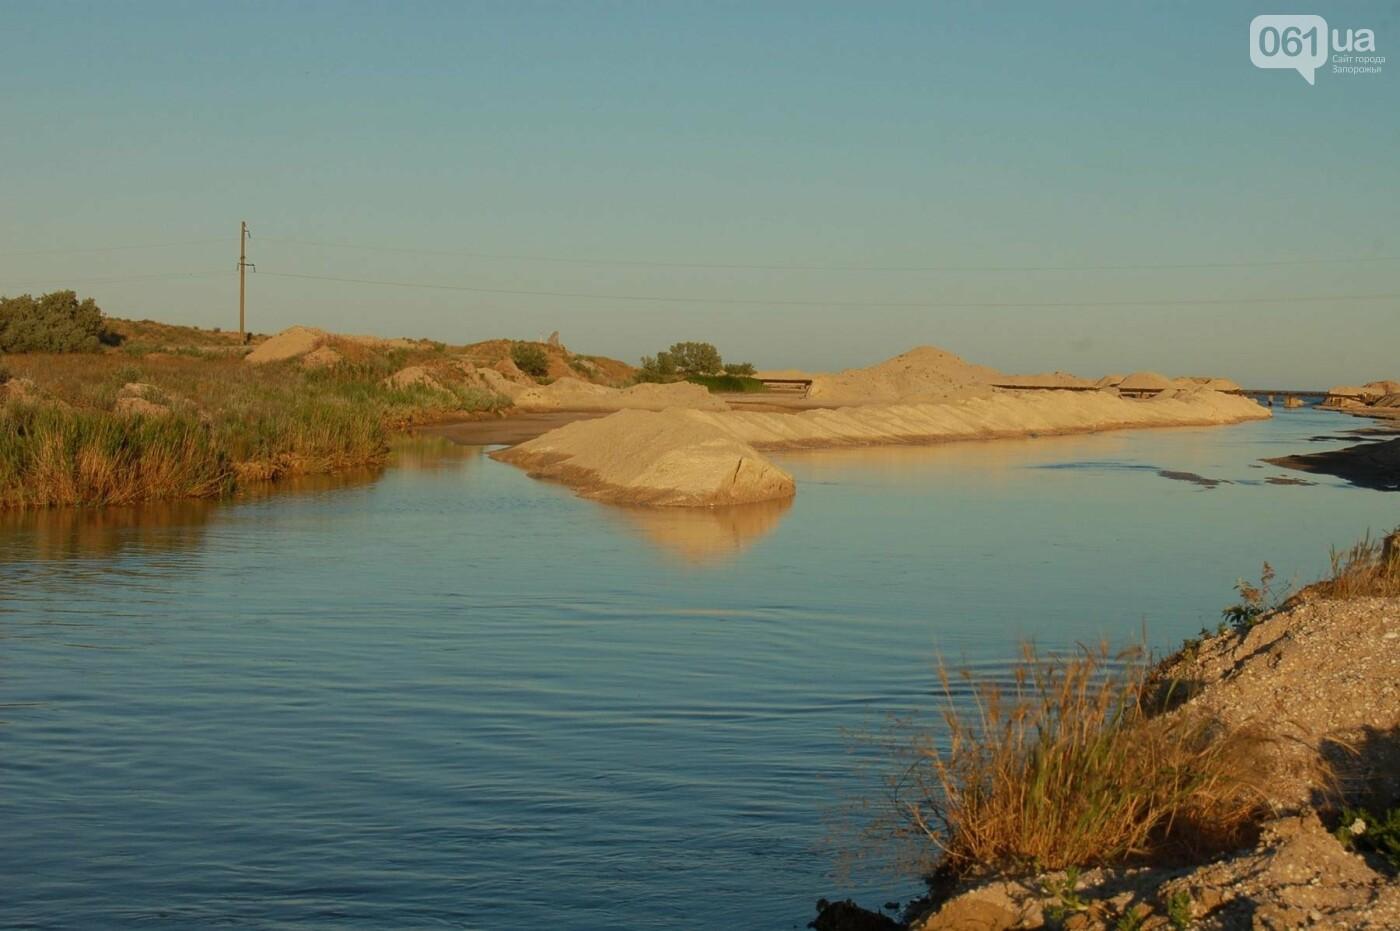 Рыбаки из шести городов Украины помогали открыть канал, соединяющий Молочный лиман с Азовским морем, который занесло песком после шторма, -..., фото-2